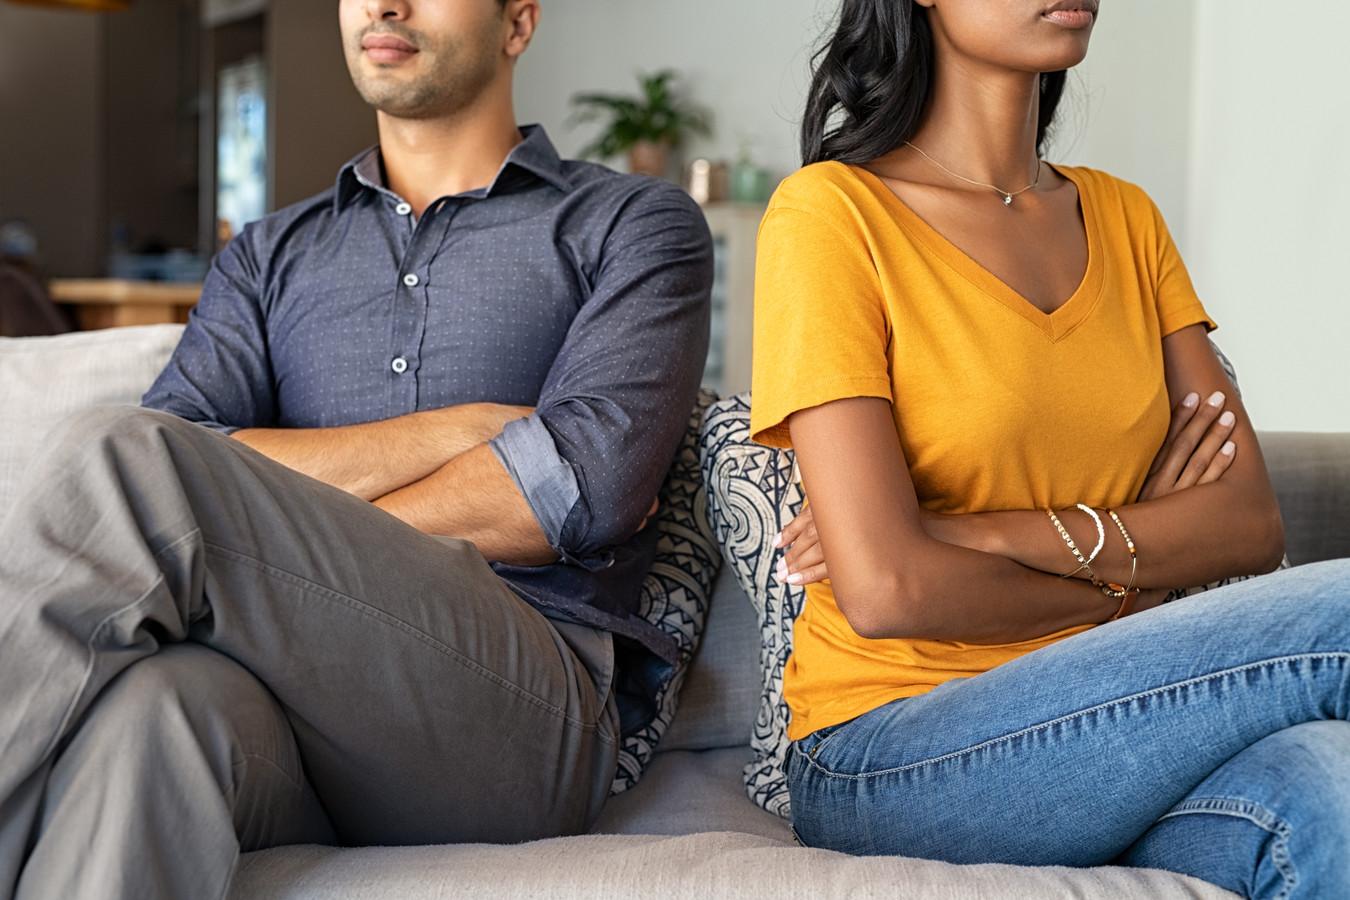 Bij een scheiding trekken vrouwen - die getrouwd waren met een man - financieel vaker aan het kortste eind.